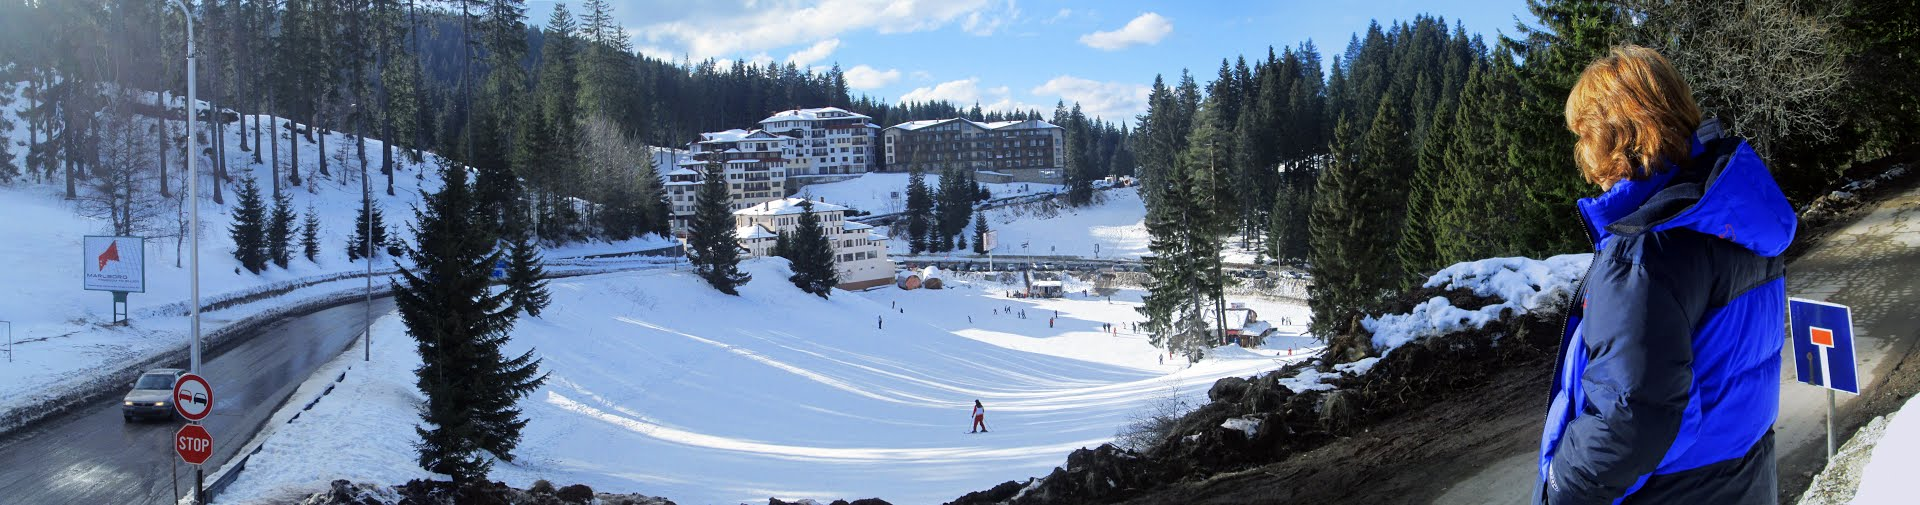 Пампорово чвляется самым солнечным горнолыжным курортом Болгарии.